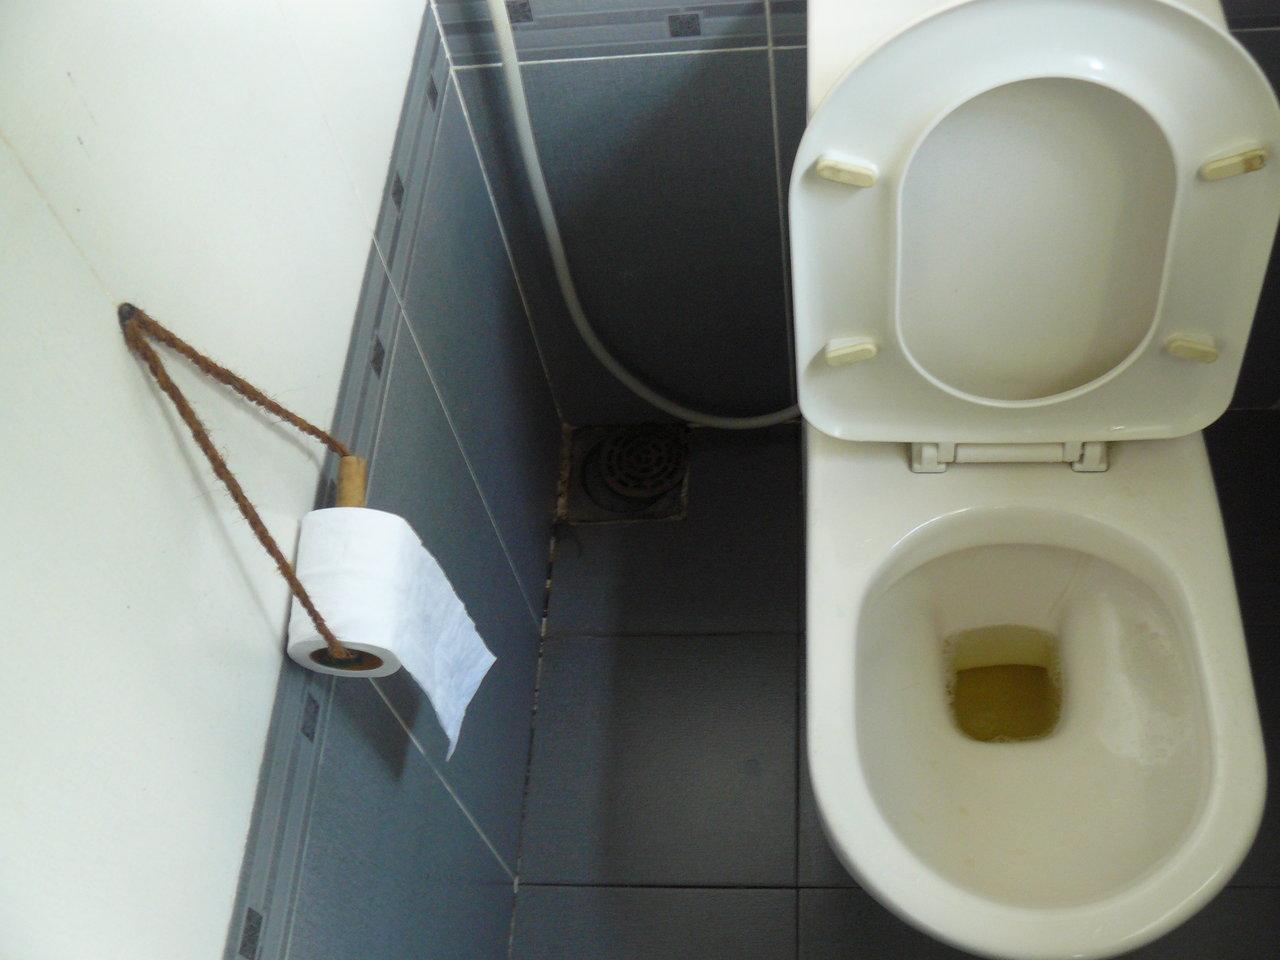 Из головы раба сделали туалет